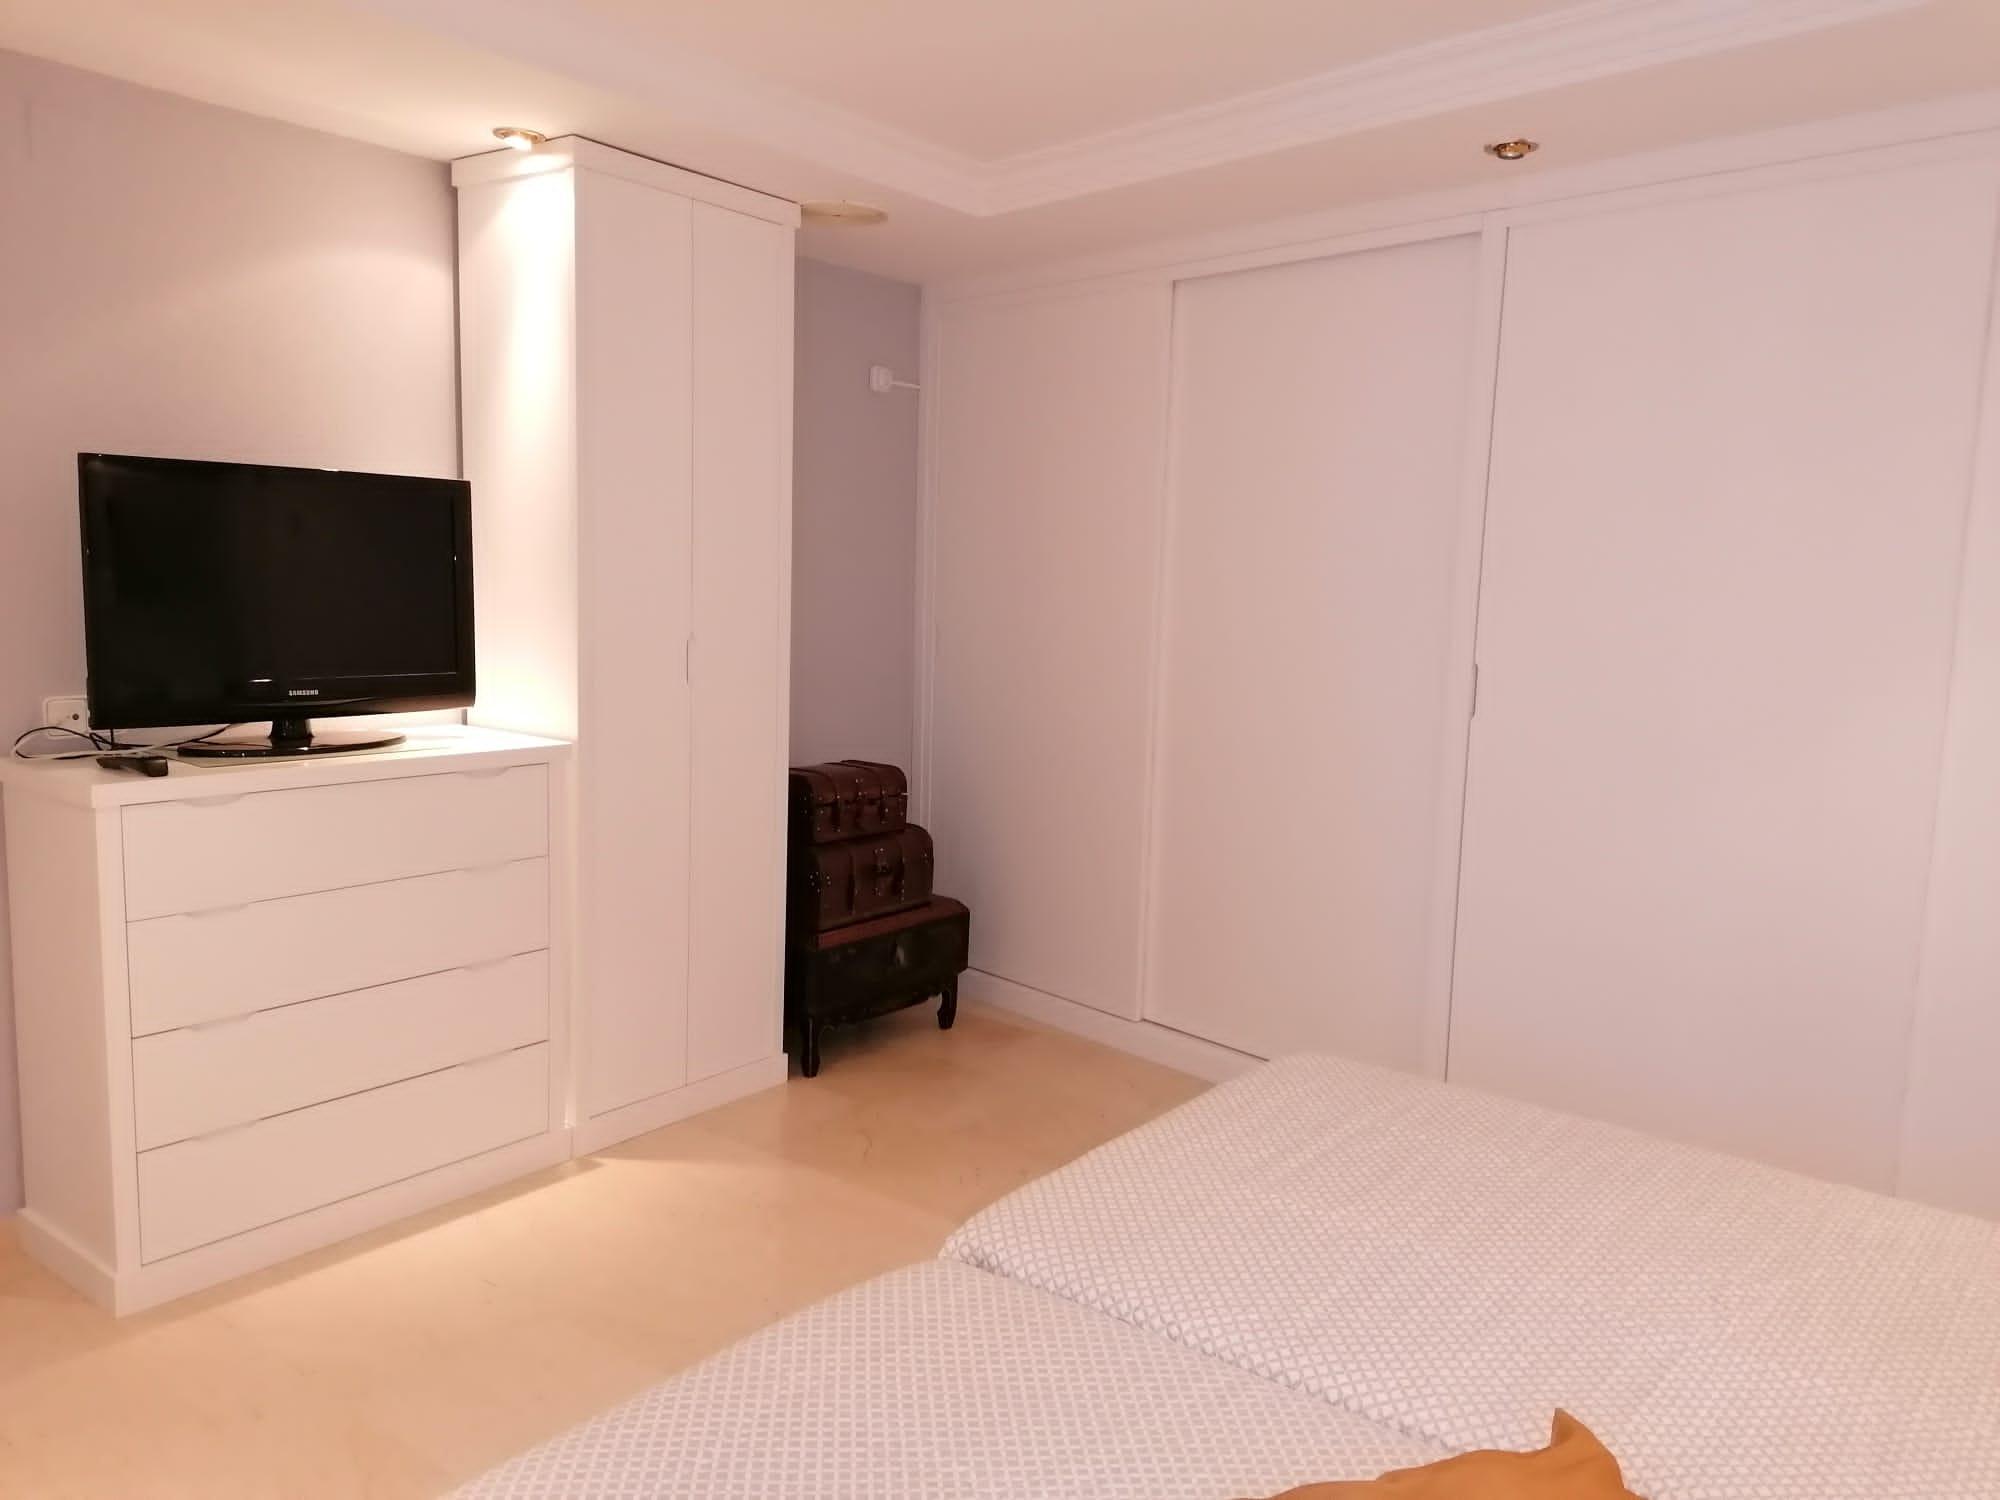 Dormitorio lacado en blanco con mil detalles